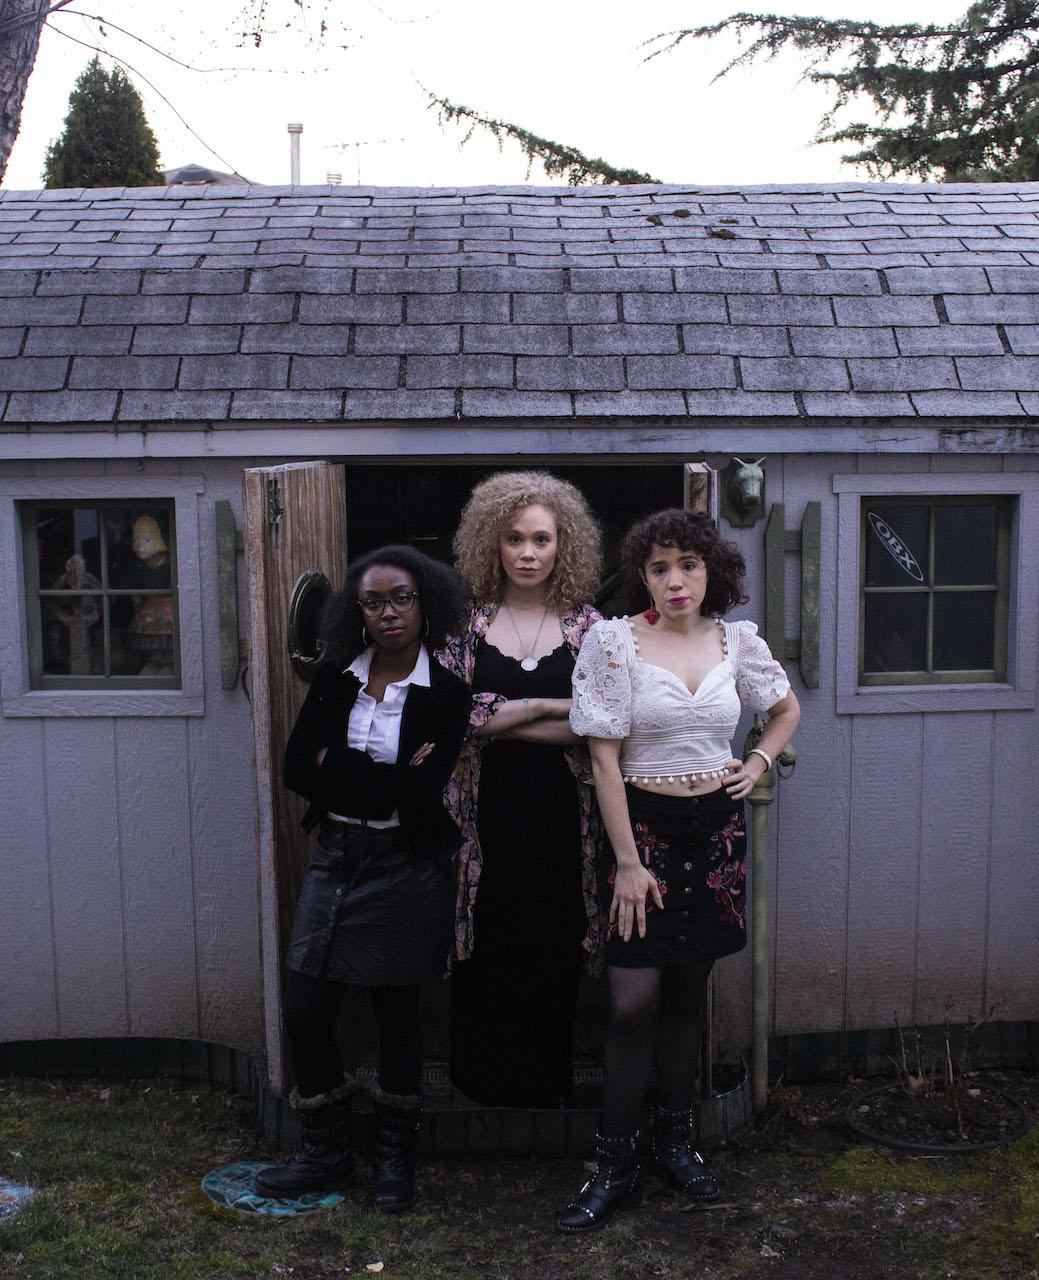 Women's Weekend Film Challenge 4